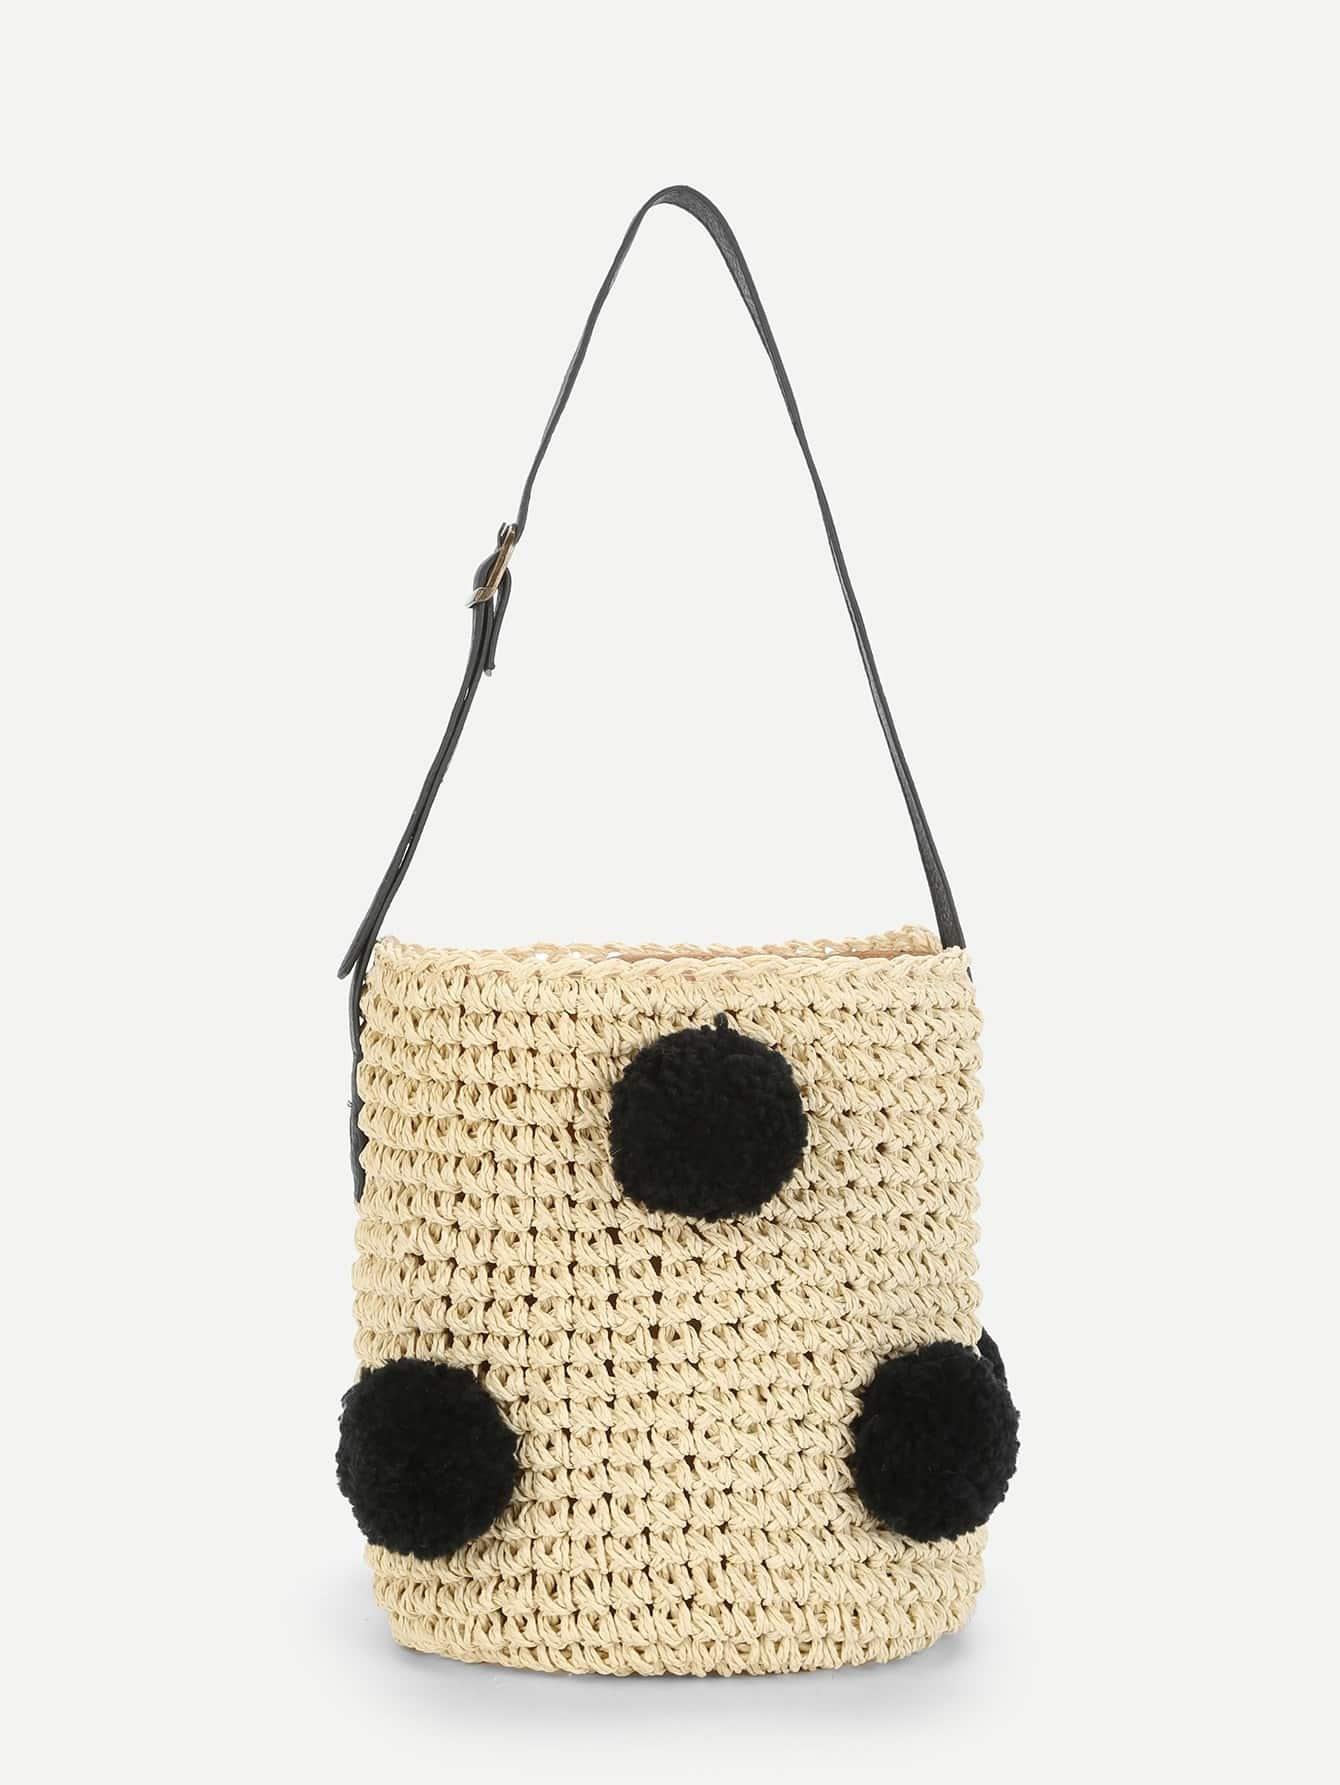 Pom Pom Decorated Straw Bucket Bag straw clutch bag with pom pom